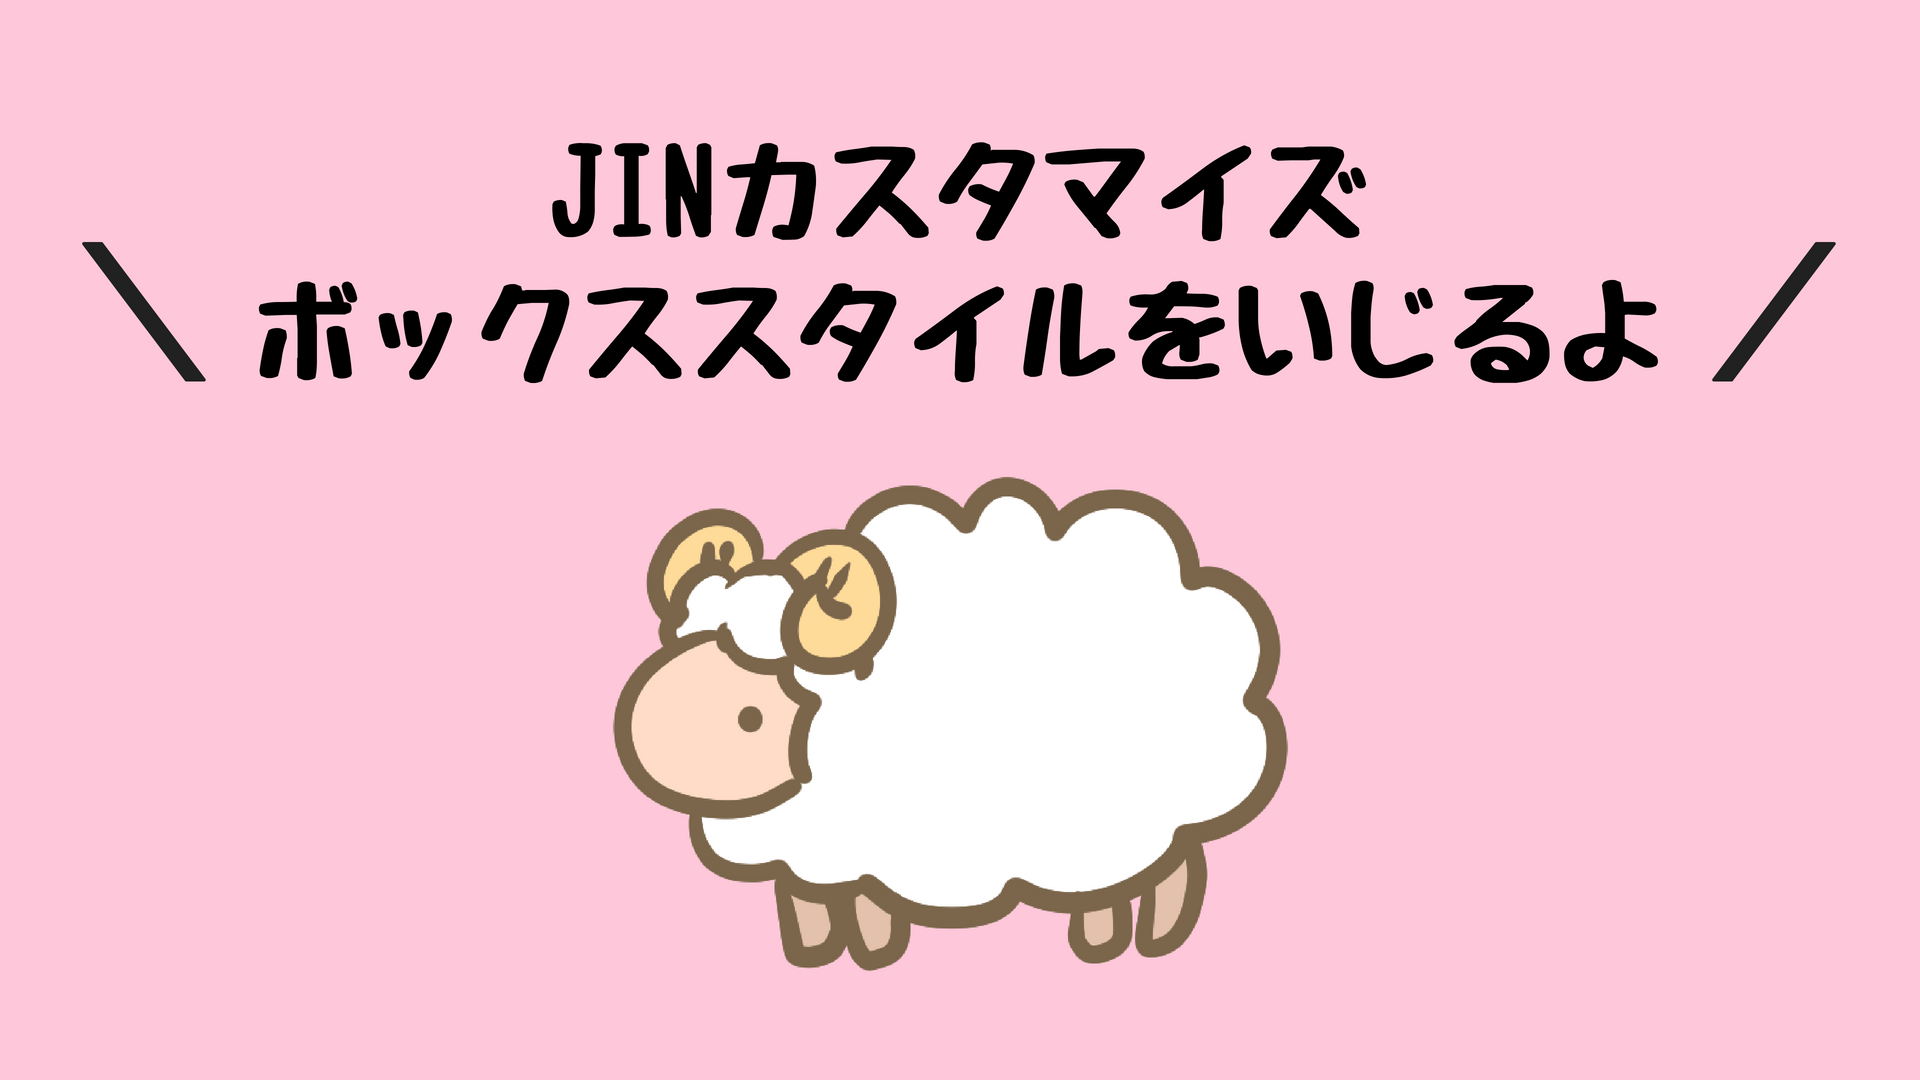 【JINカスタマイズ】ボックススタイルの横幅を広げる方法【簡単】